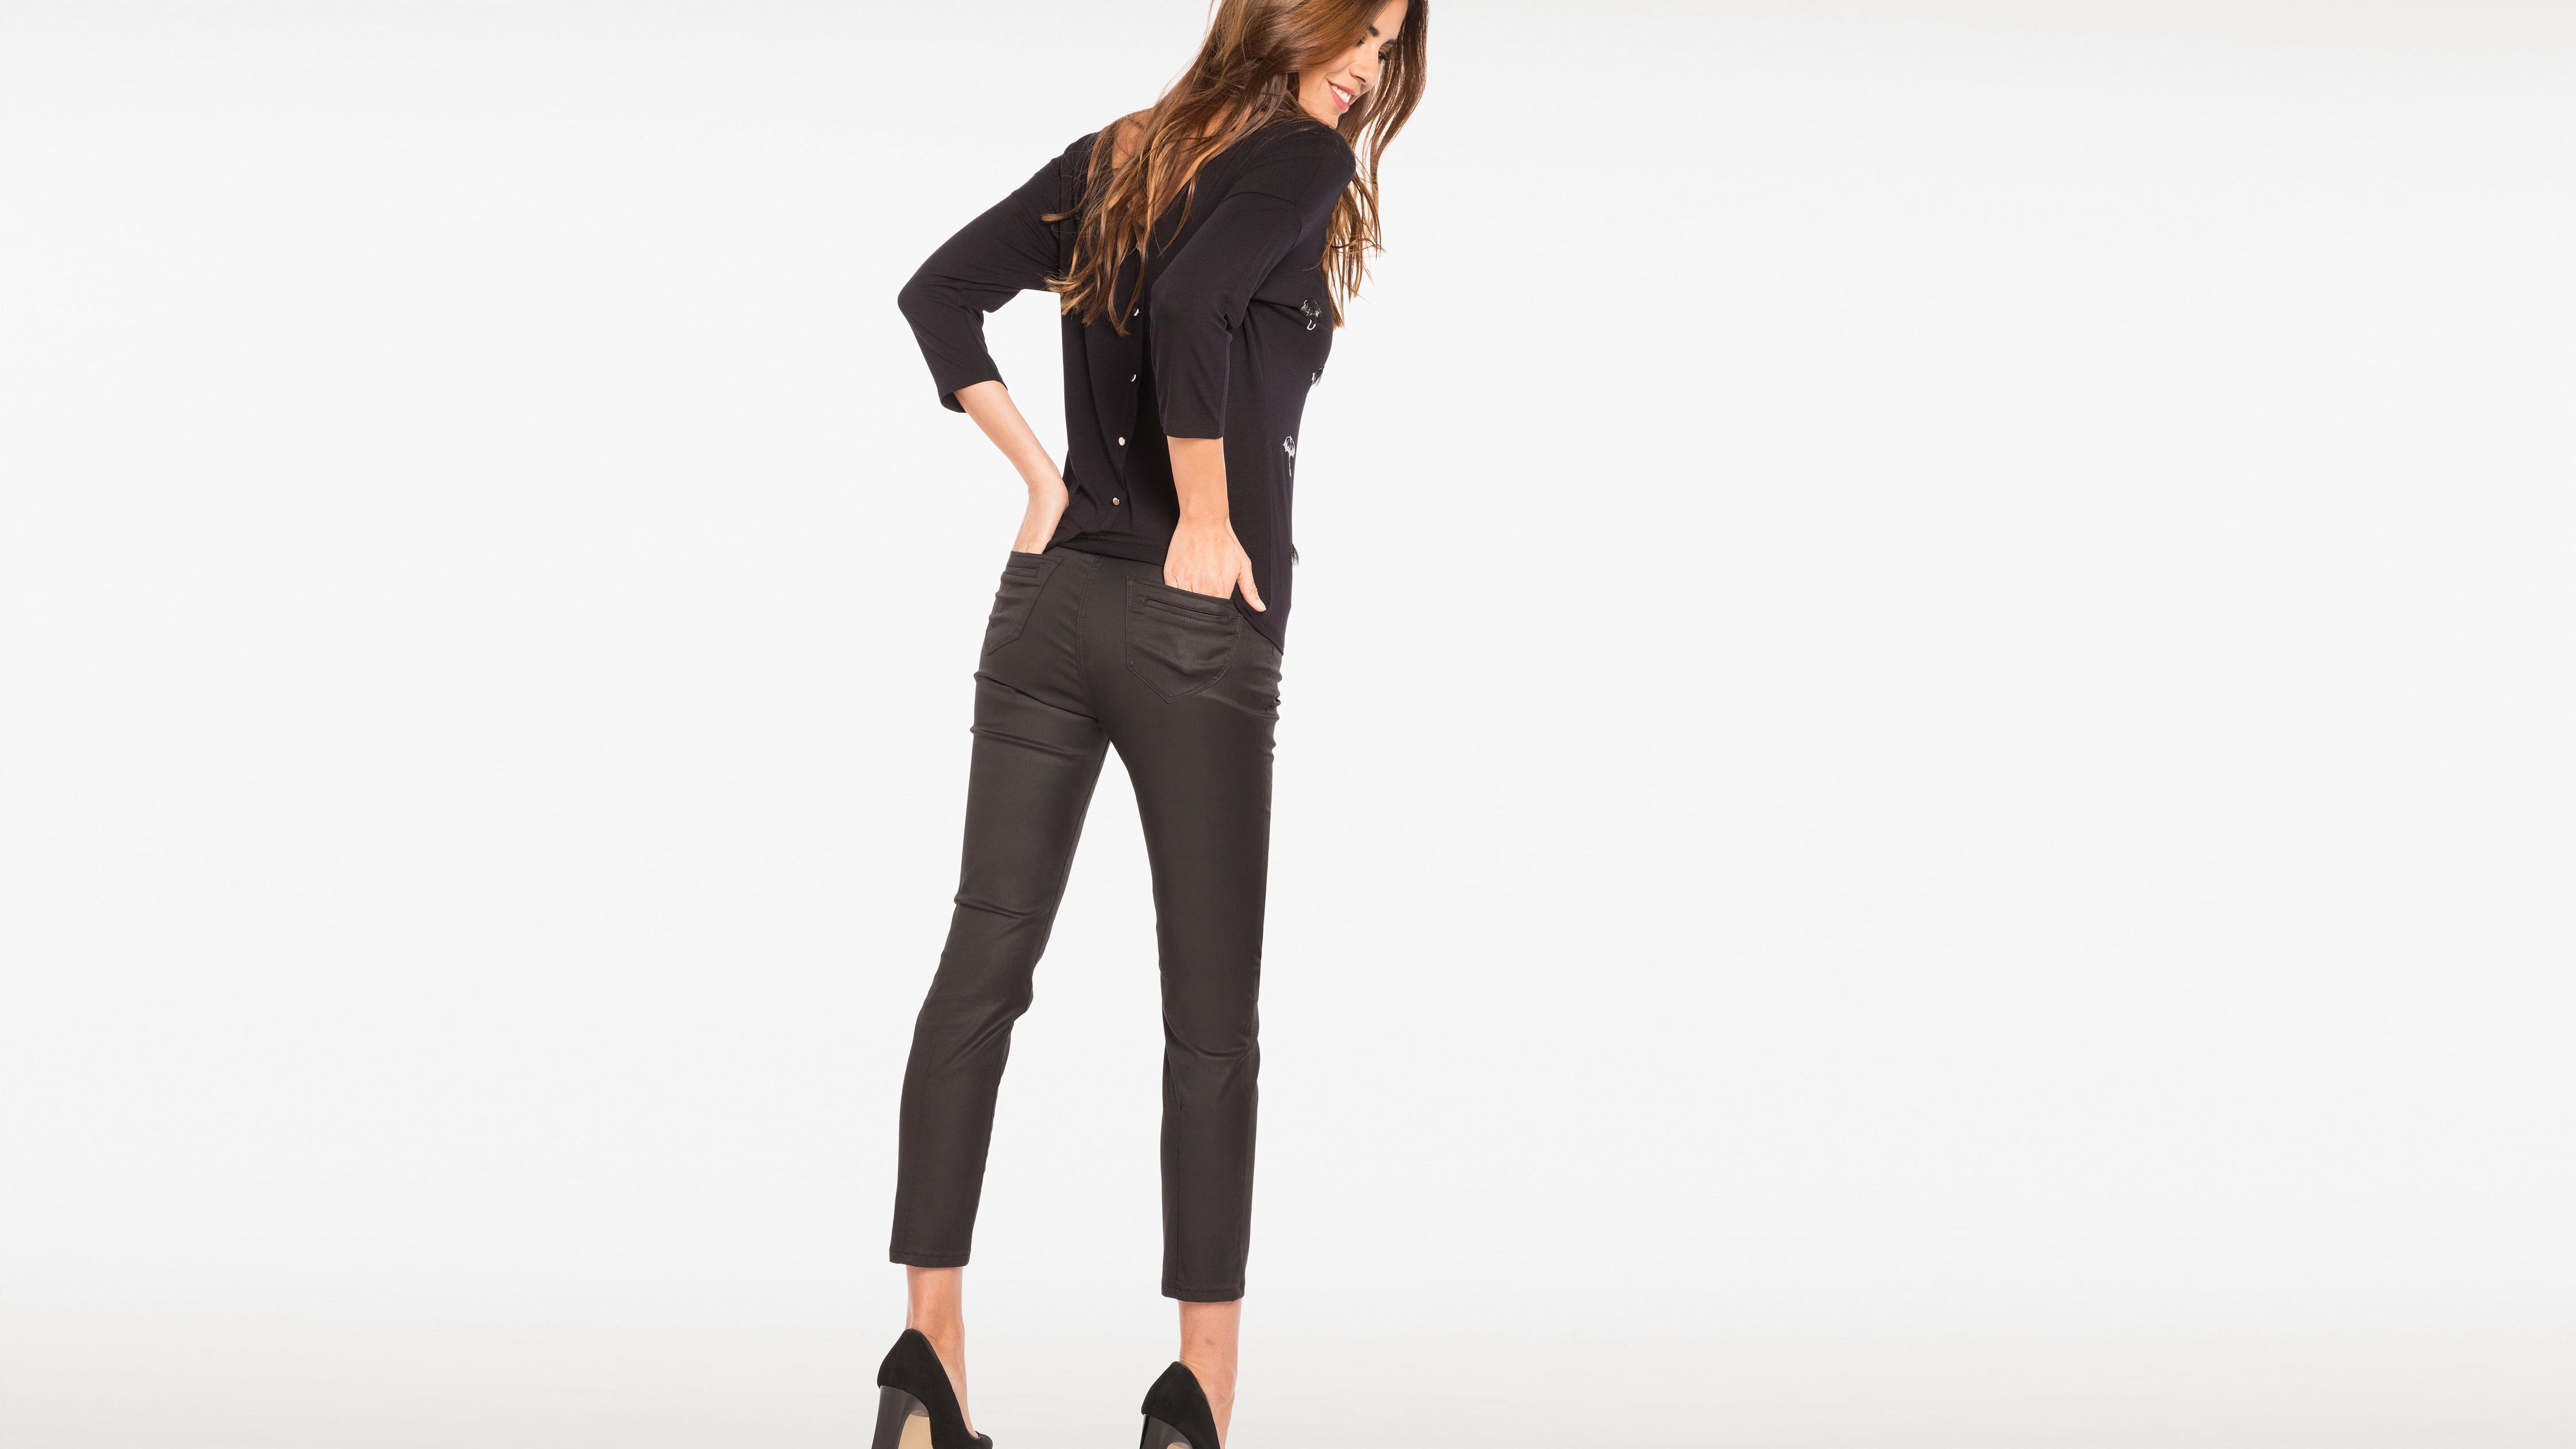 Enduit Femme 78ème Noir Pantalon 78ème Enduit Femme Pantalon Noir SpqzUMV